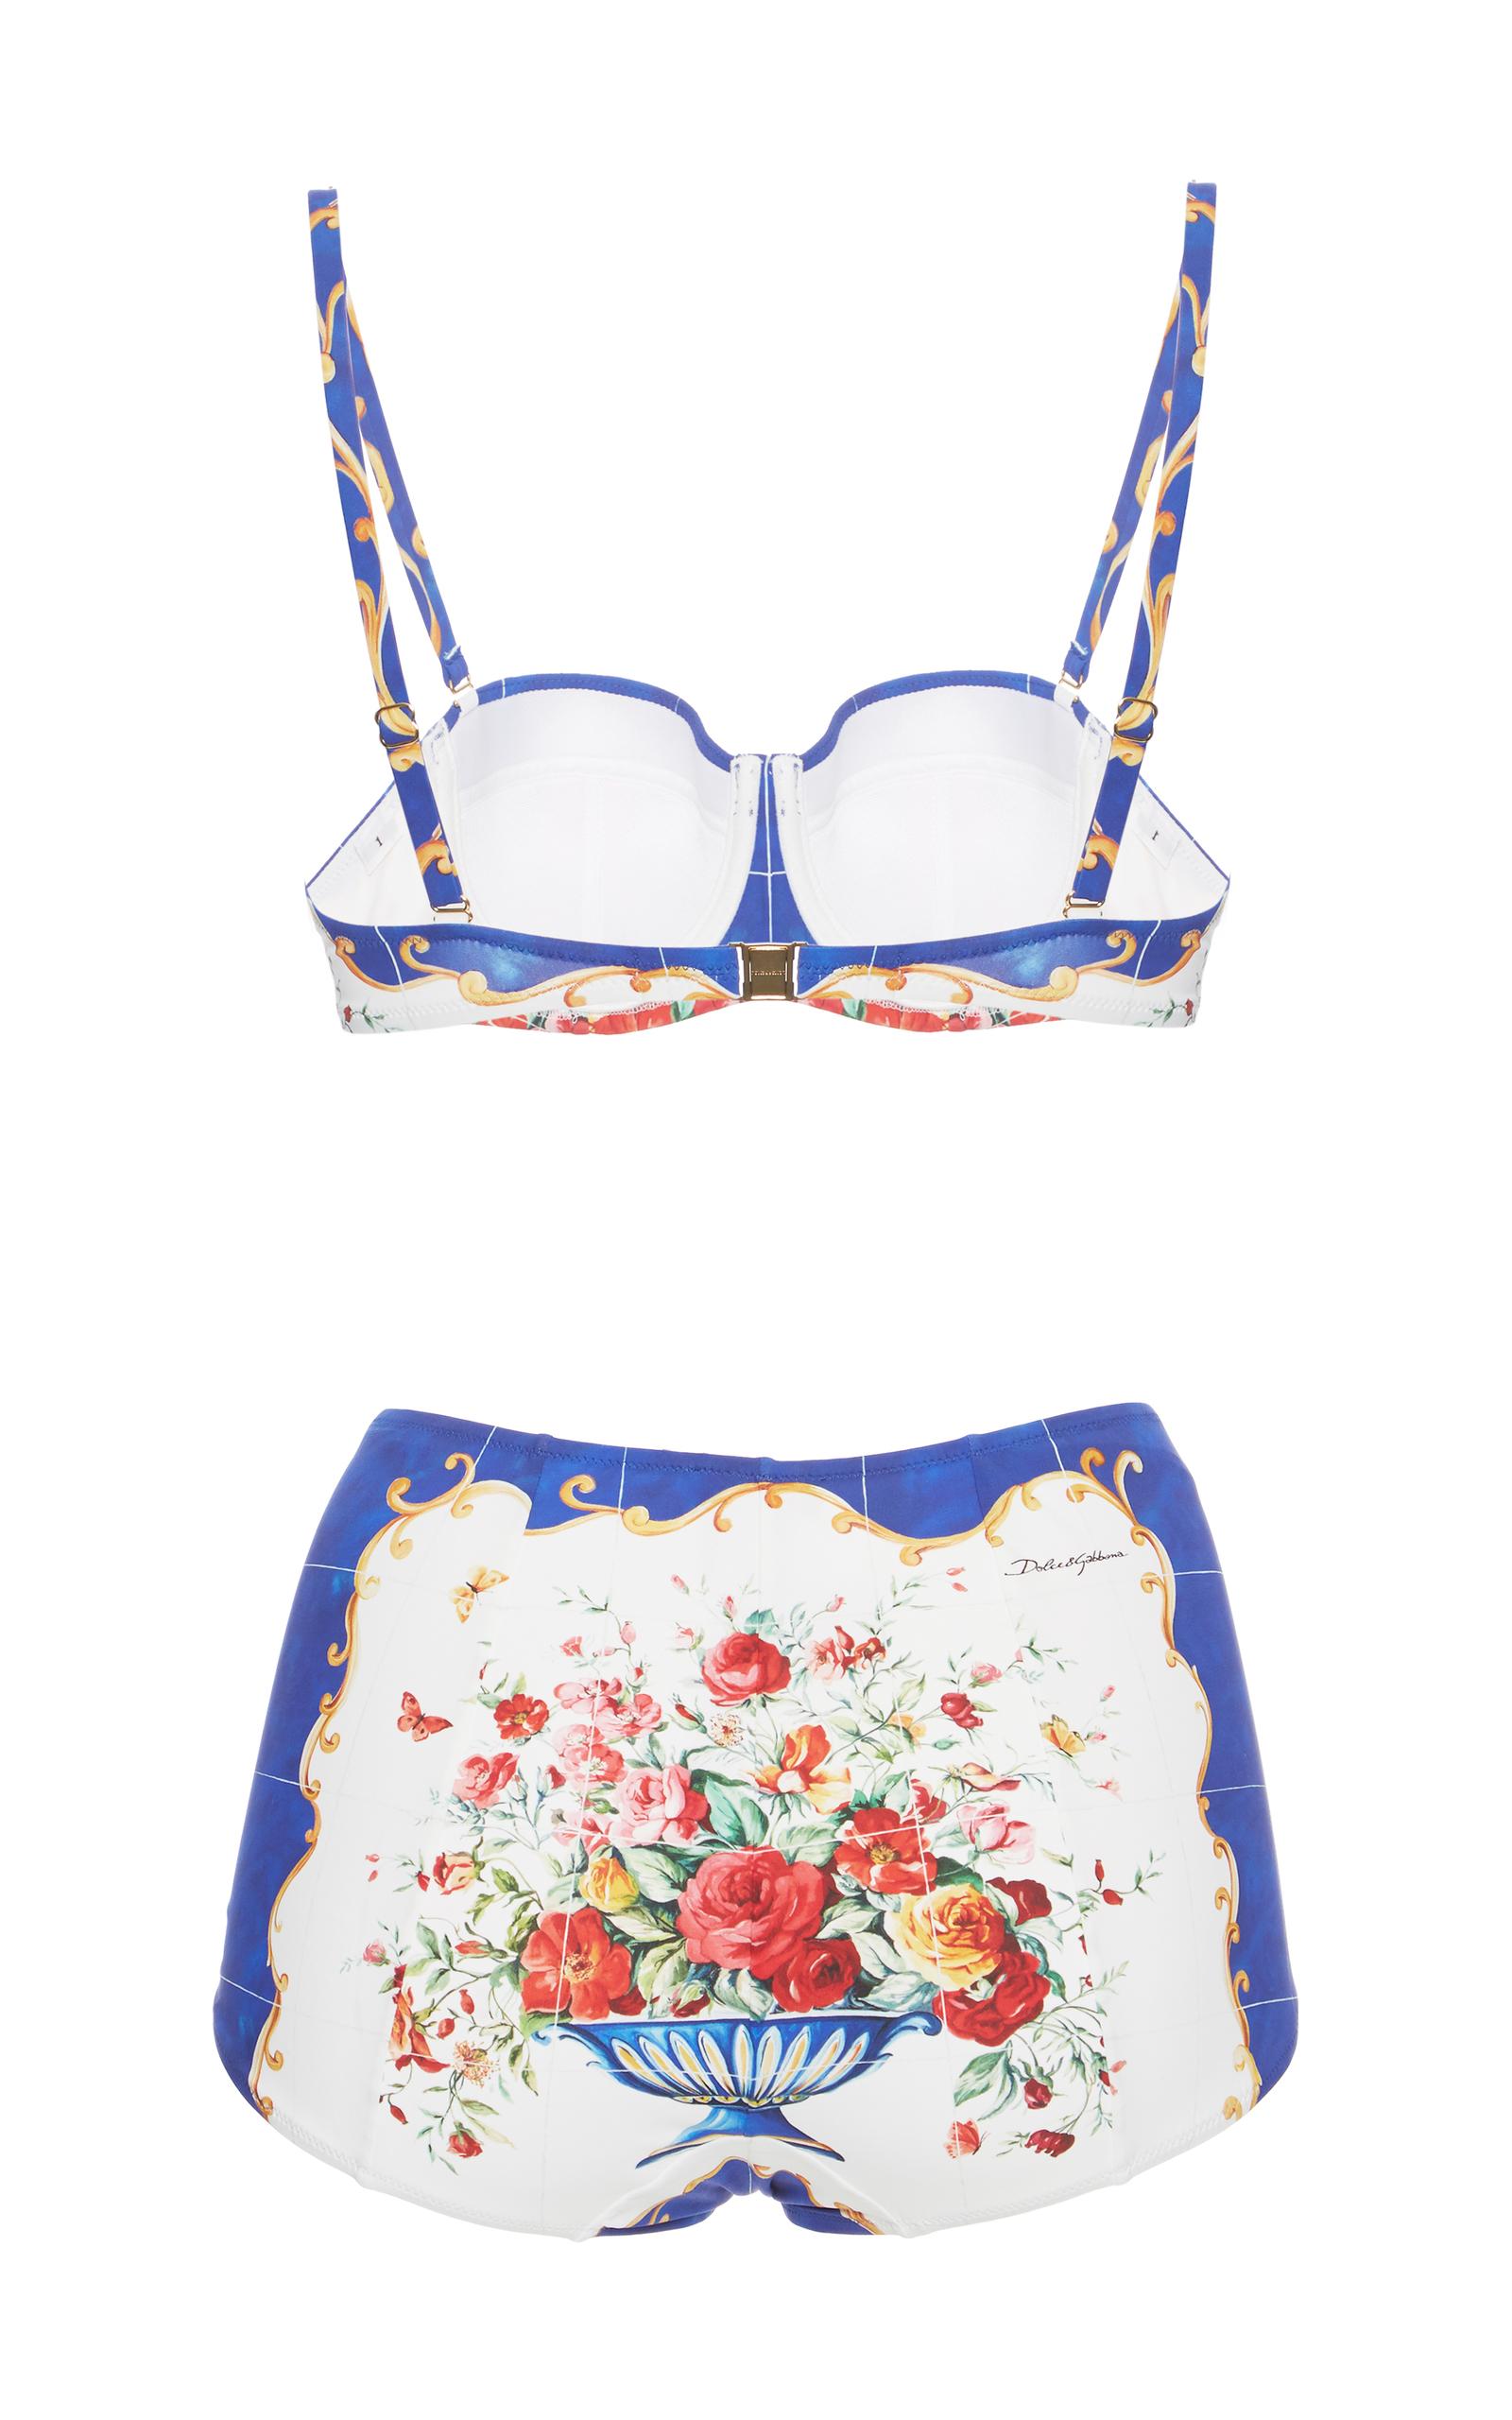 46e2a89aa6 Dolce   GabbanaPrinted Bikini Set. CLOSE. Loading. Loading